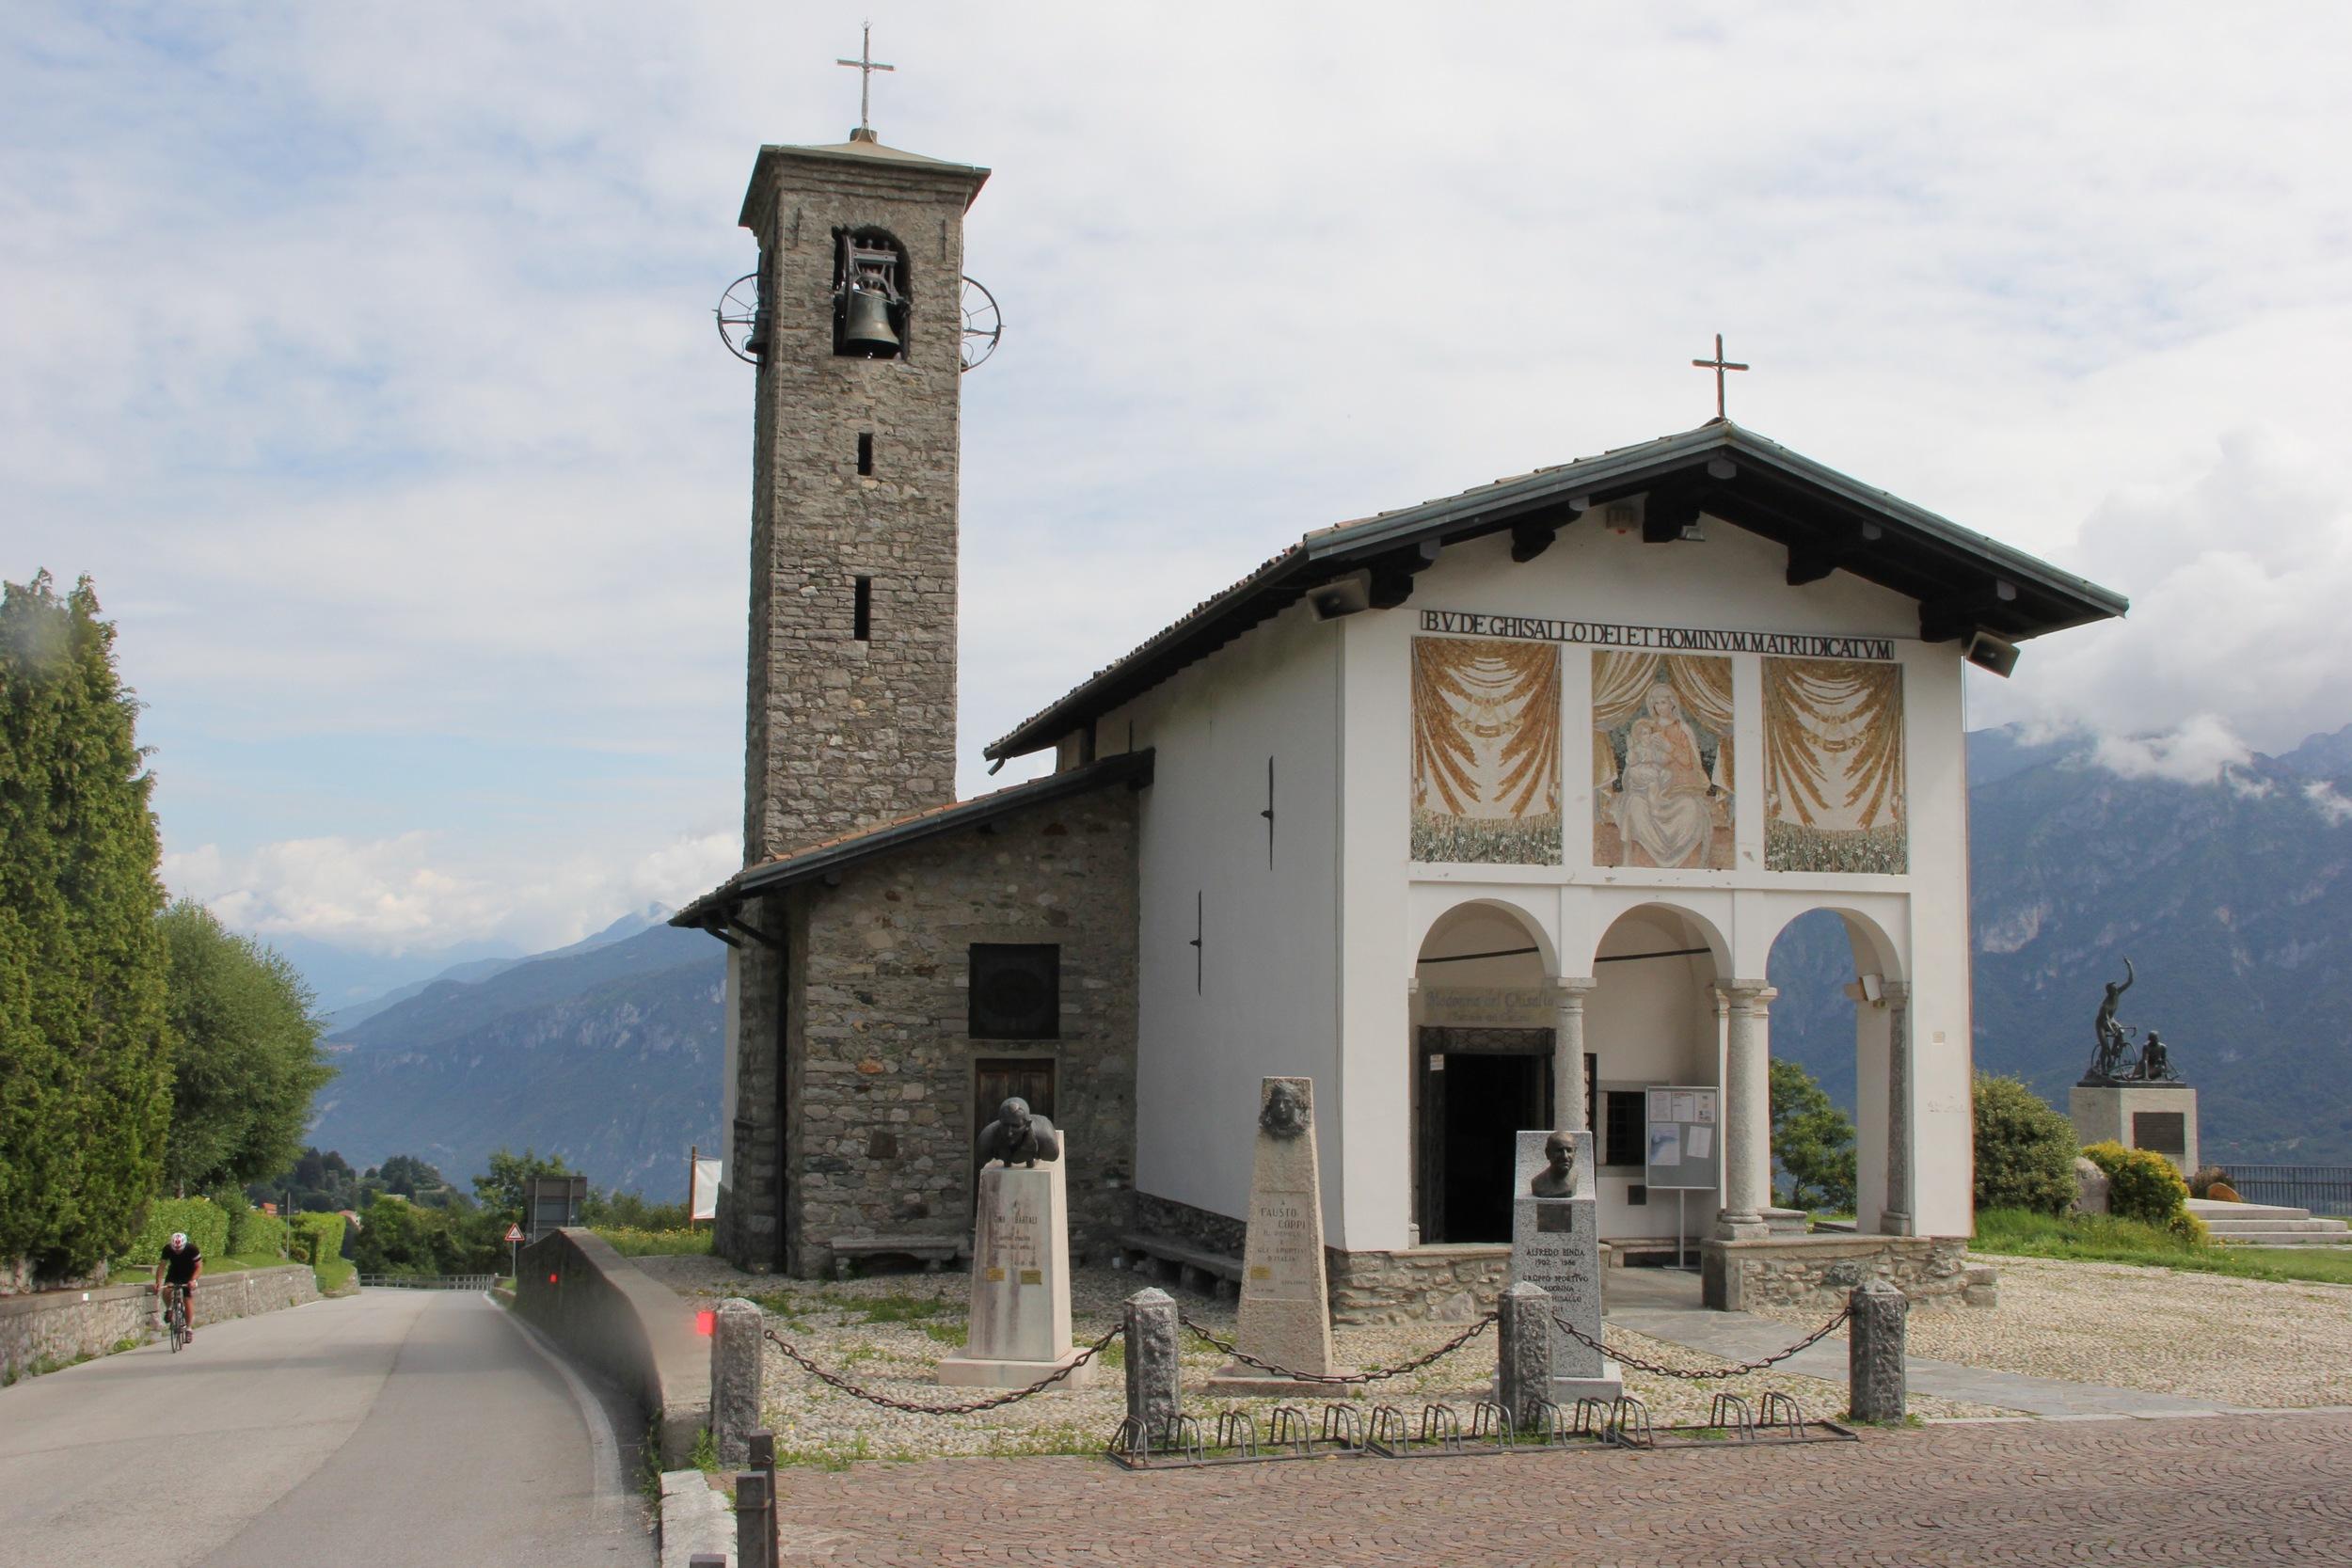 The Madonna del Ghisallo